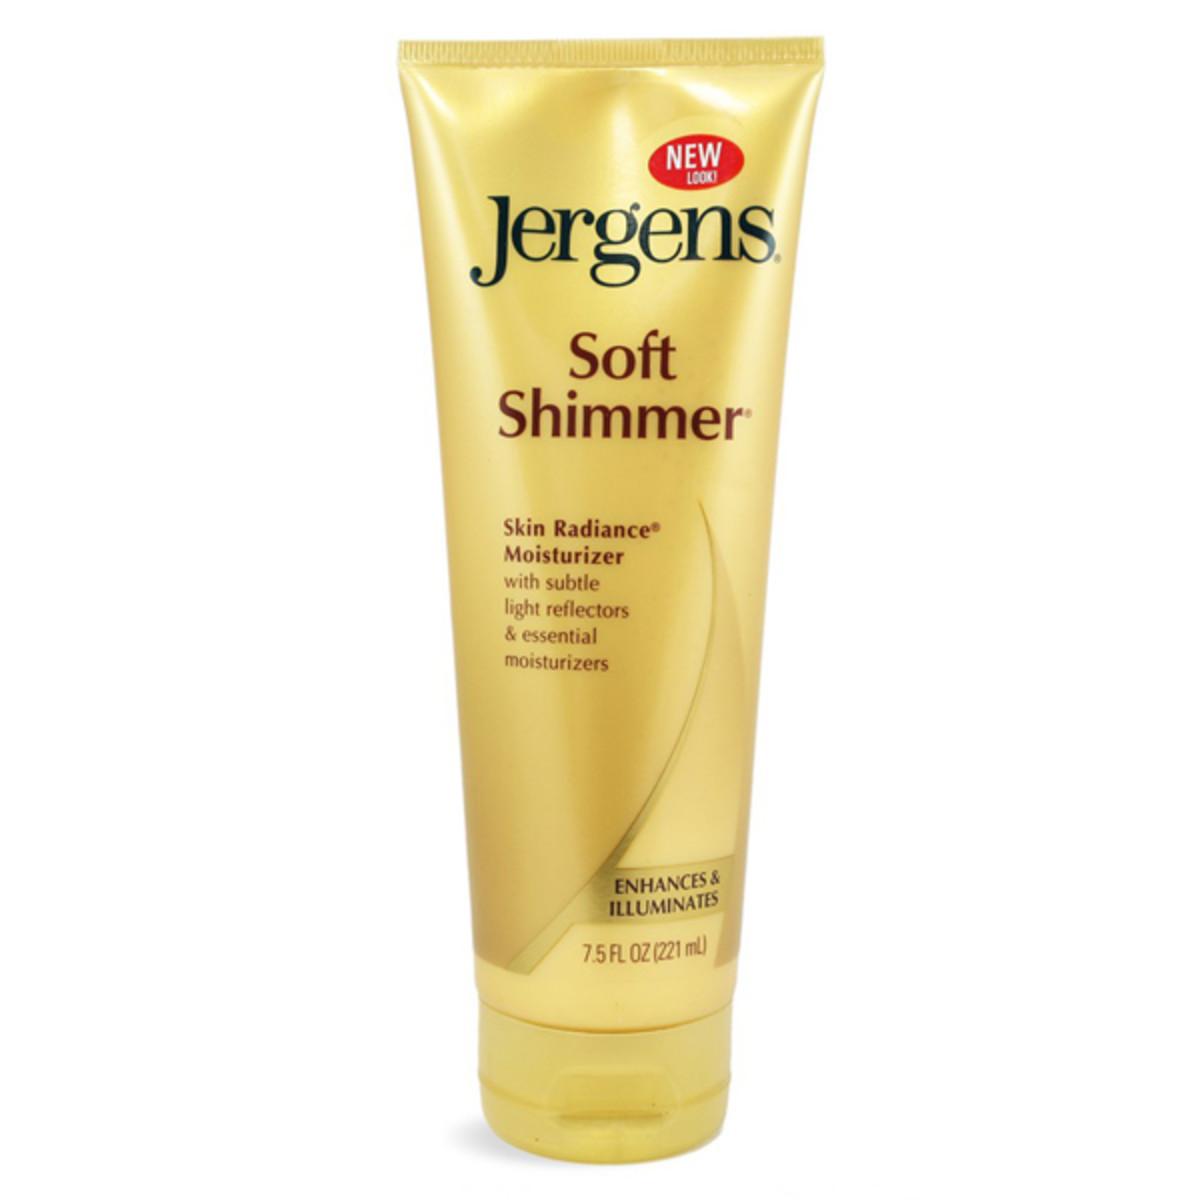 Jergens Soft Shimmer Skin Radiance Moisturizer